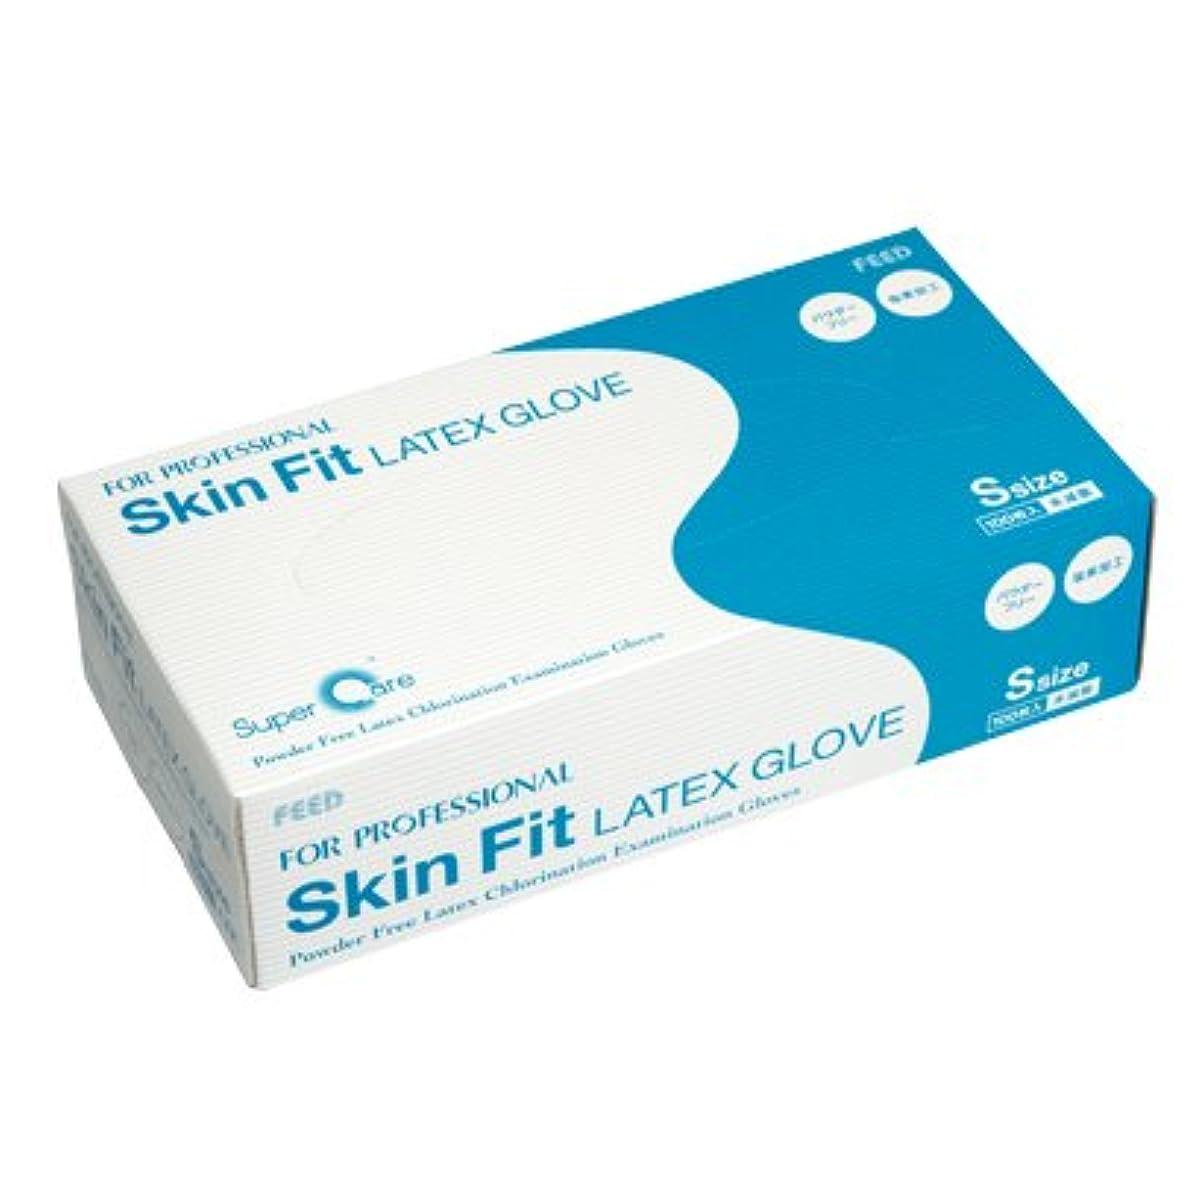 パッケージフェザー思春期FEED(フィード) Skin Fit ラテックスグローブ パウダーフリー 塩素加工 S カートン(10ケース) (医療機器)